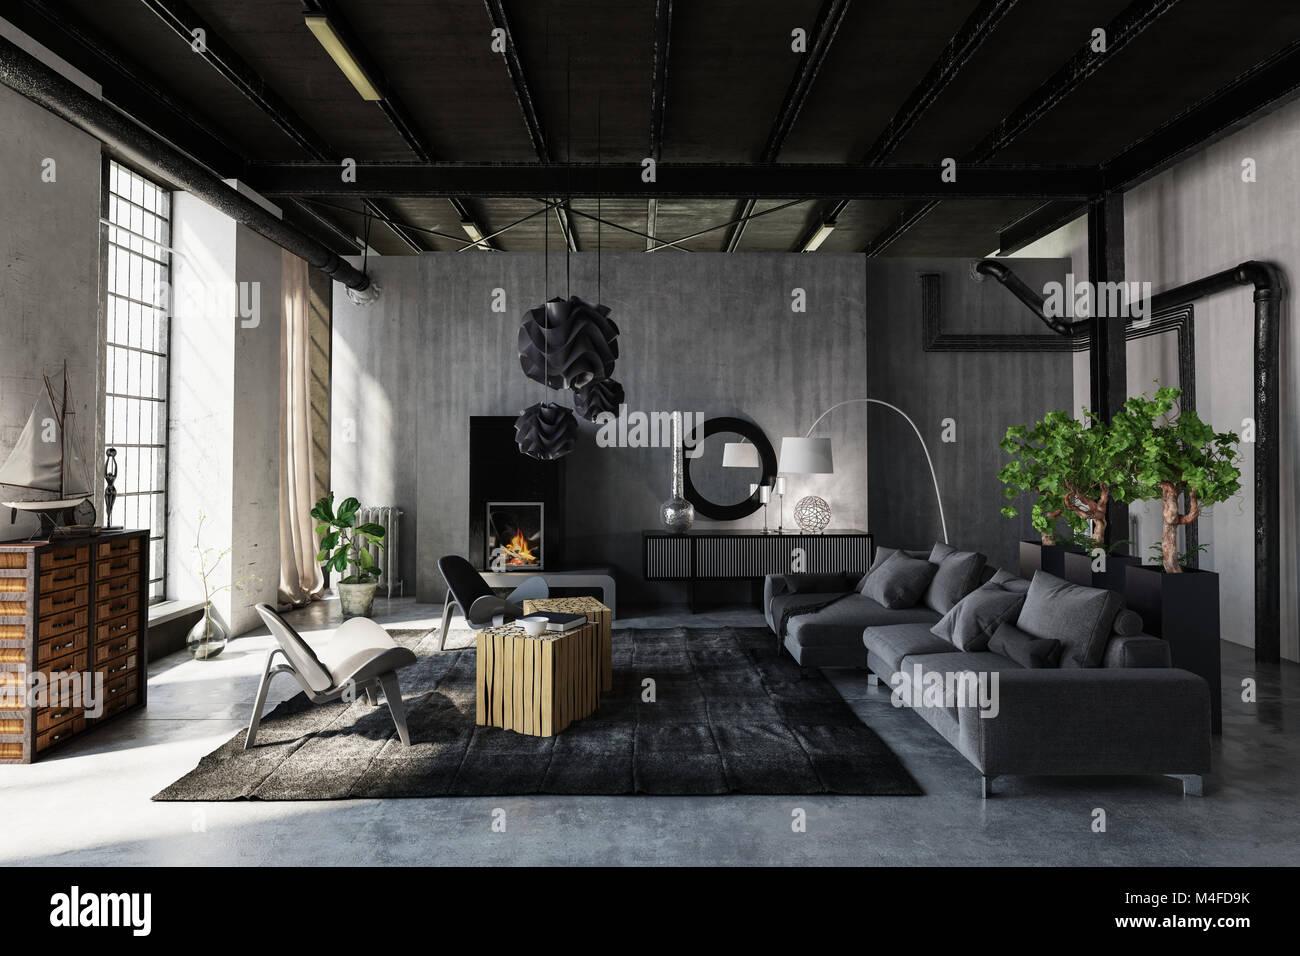 Schickes Modernes Wohnzimmer In Einem Industriellen